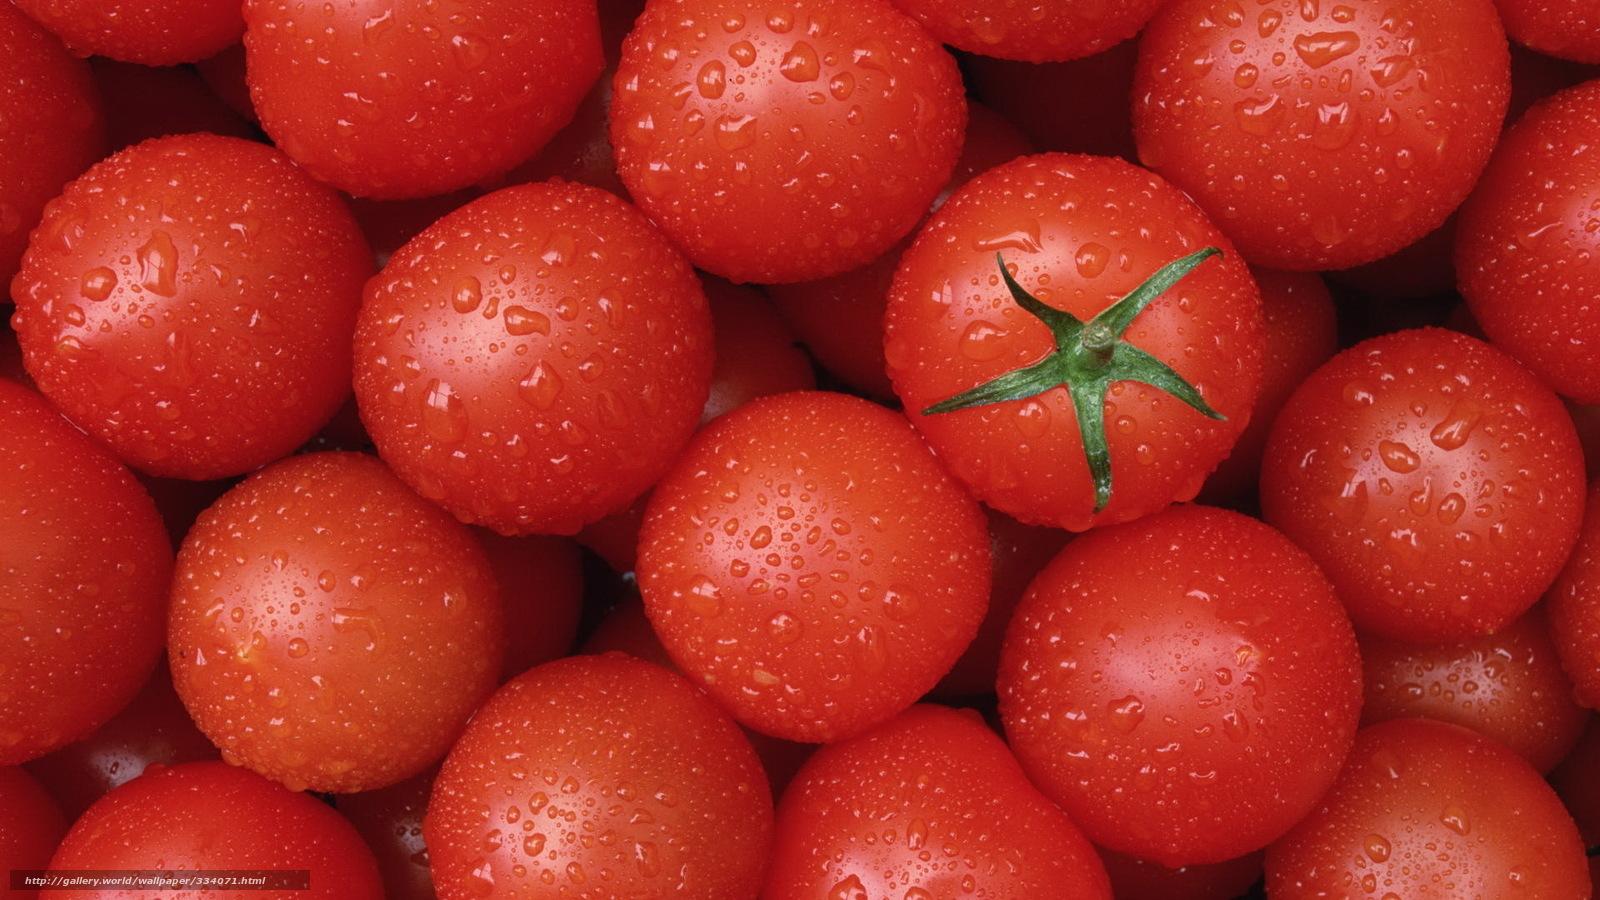 Tlcharger Fond d'ecran nourriture,  tomates,  tomates,  rouge Fonds d'ecran gratuits pour votre rsolution du bureau 1920x1080 — image №334071